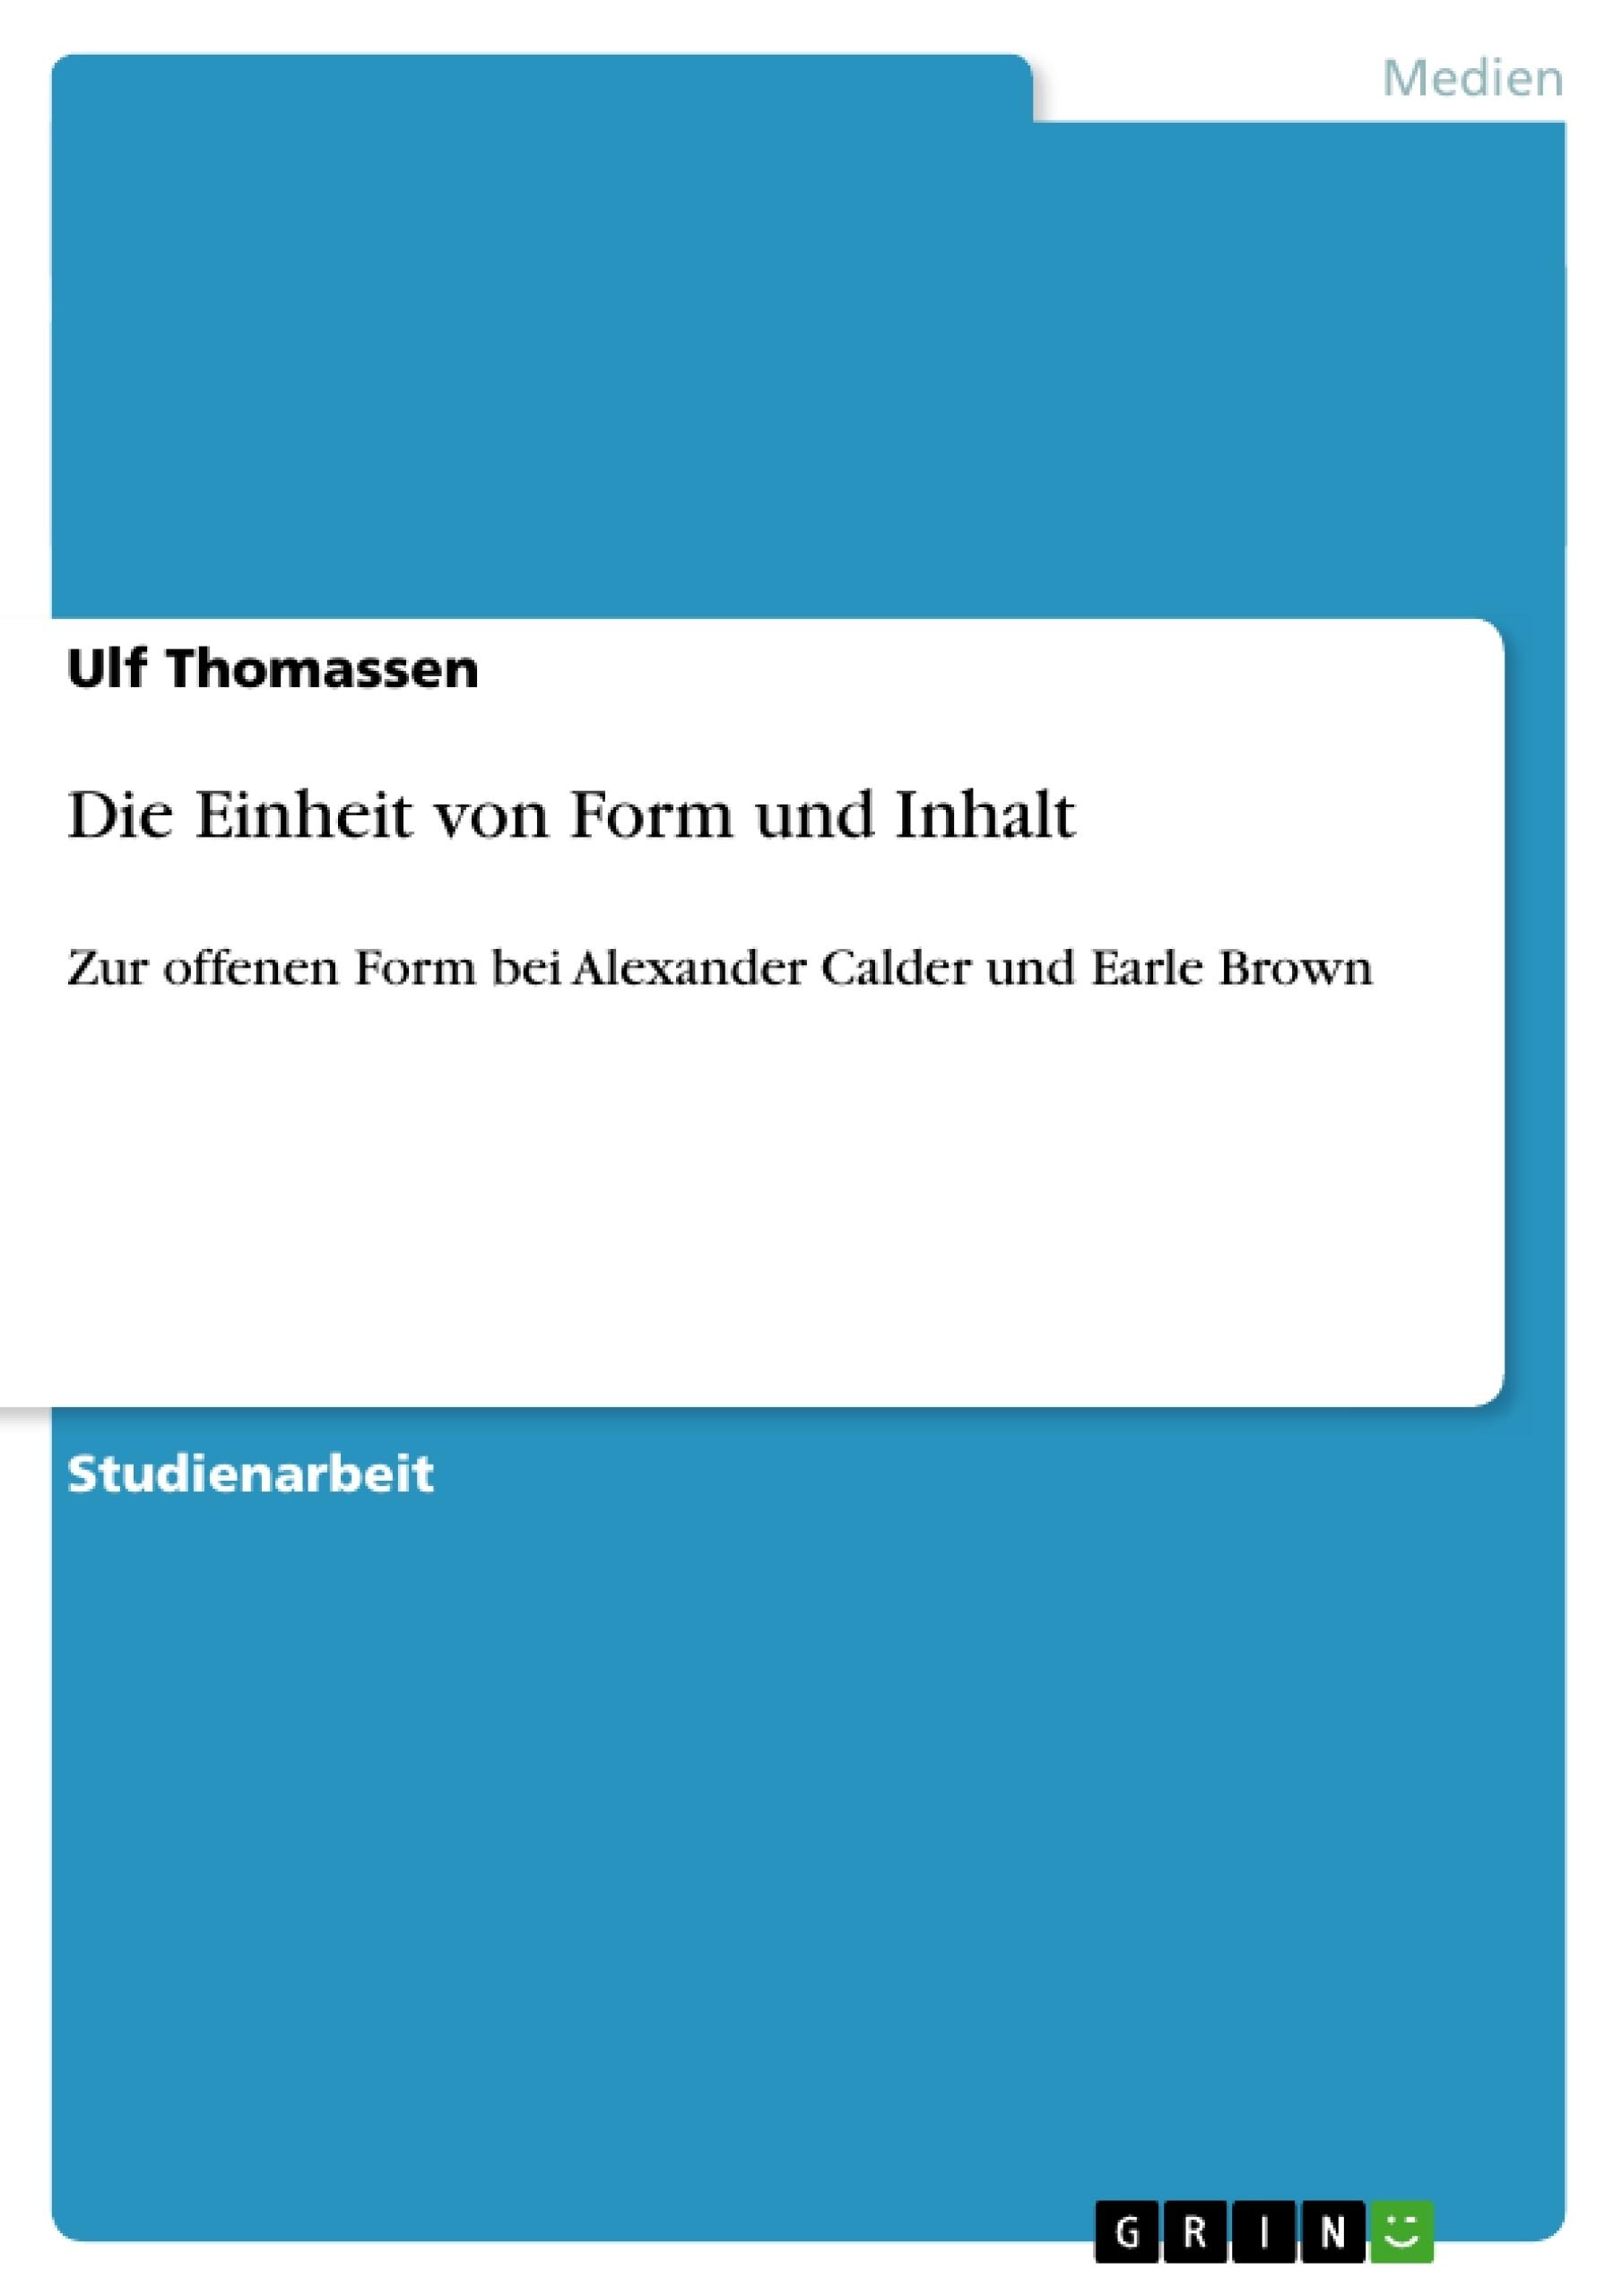 Titel: Die Einheit von Form und Inhalt